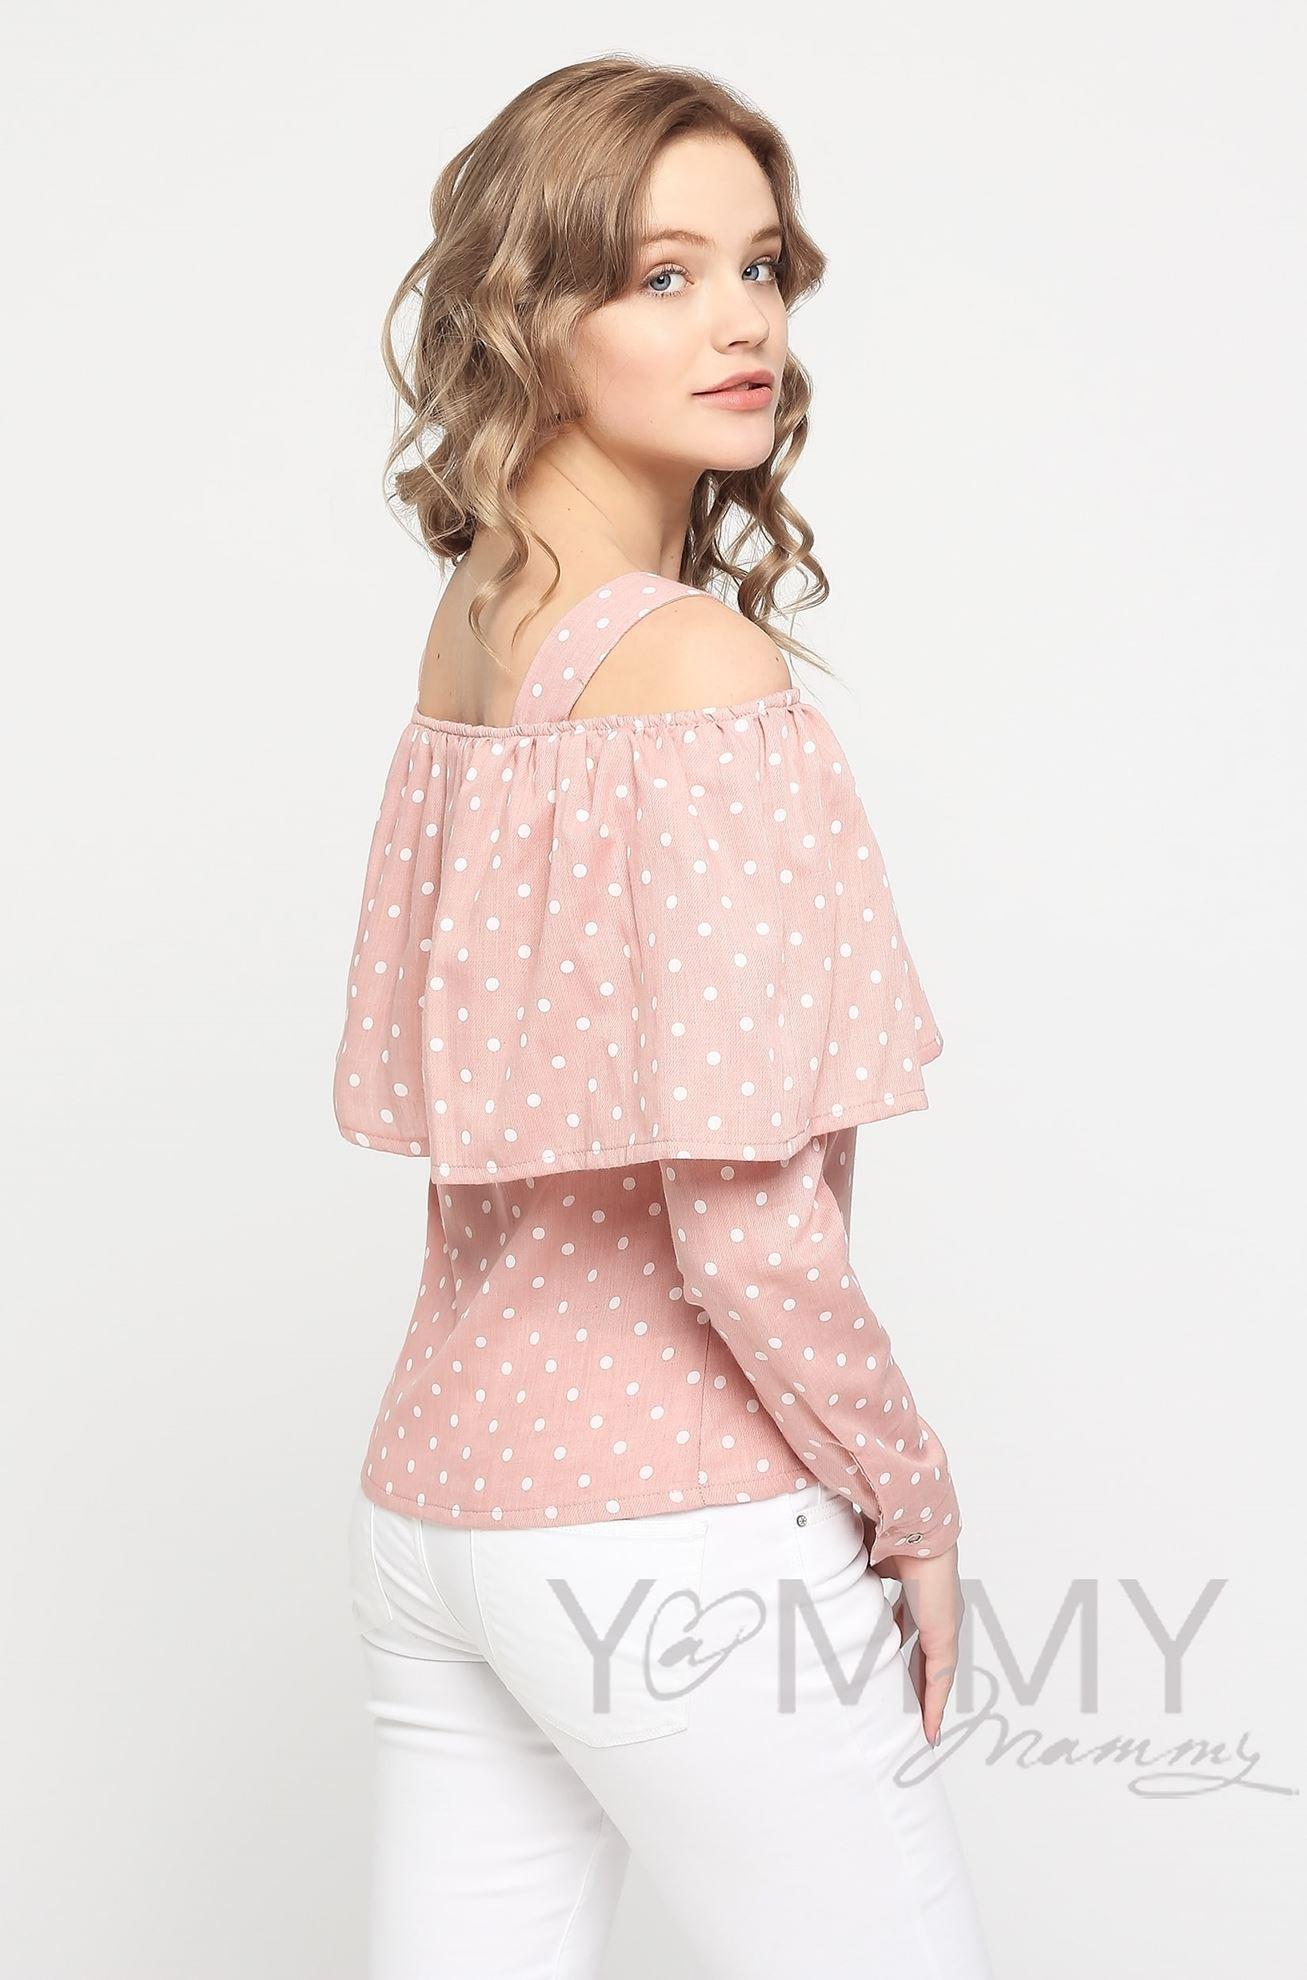 Изображение                               Блуза с воланом светло-розовая в горох